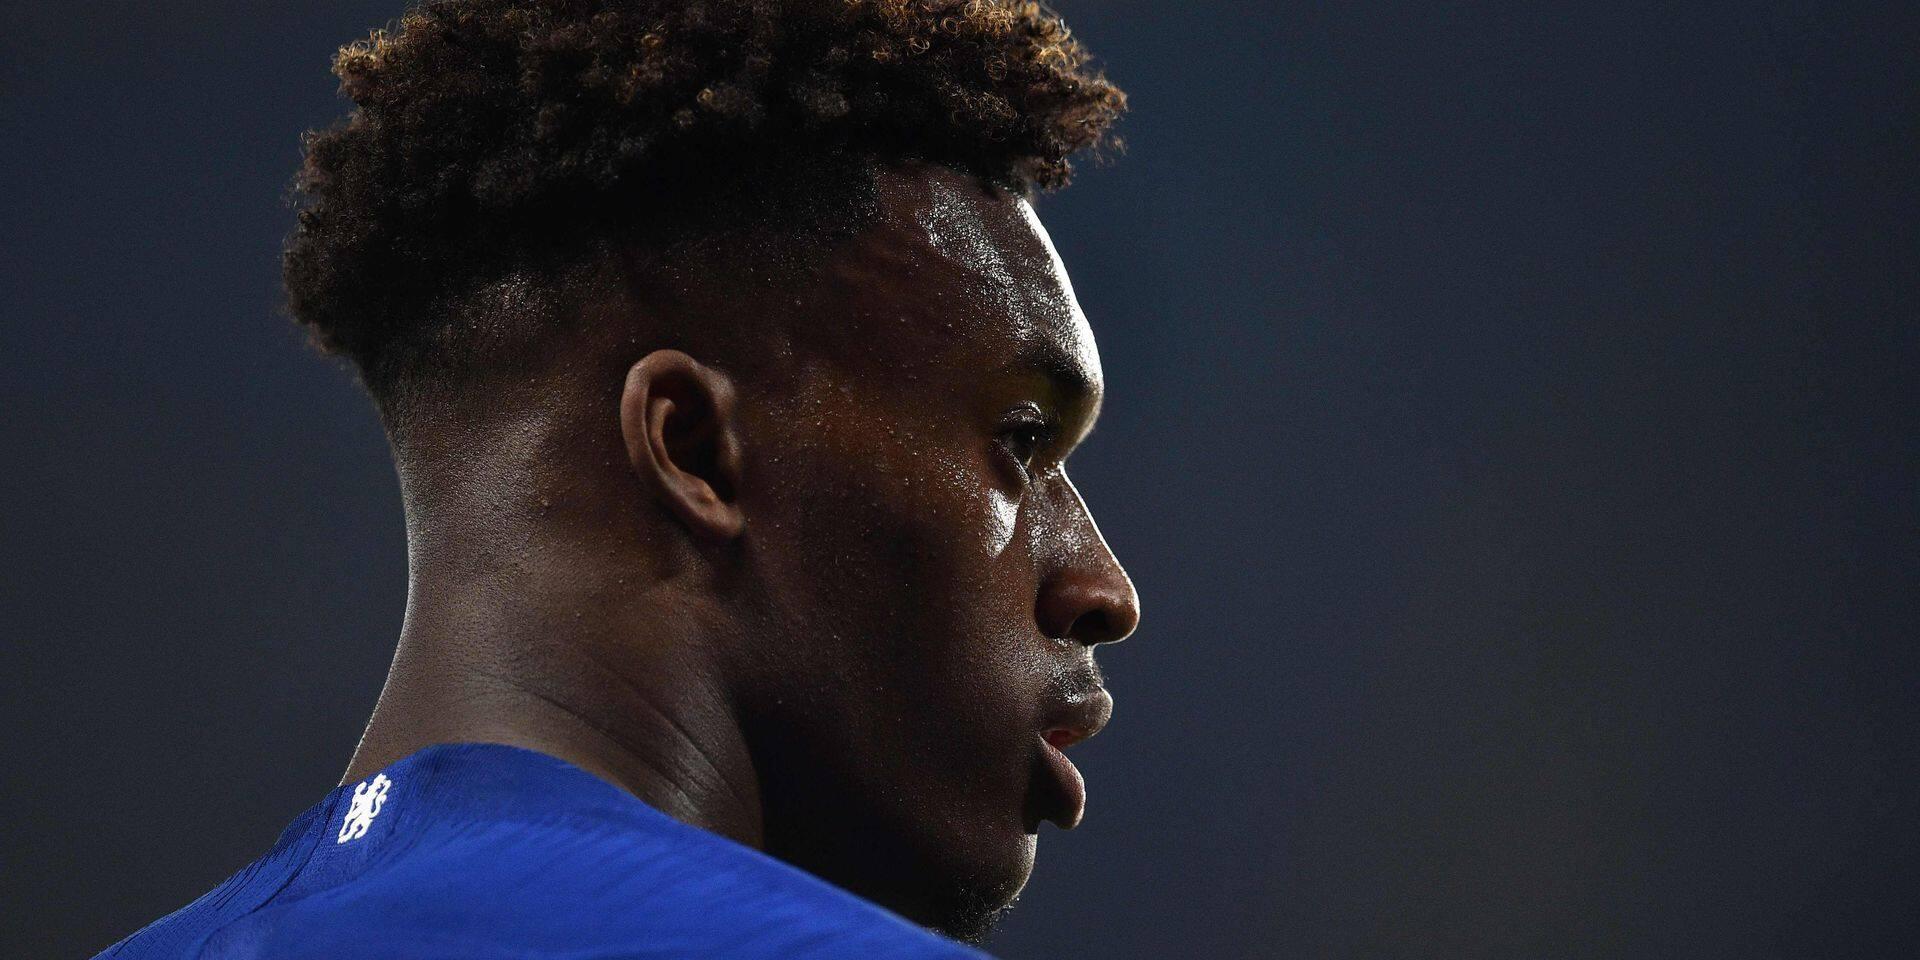 Chelsea, Arsenal, la Juventus… Les cas positifs se succèdent